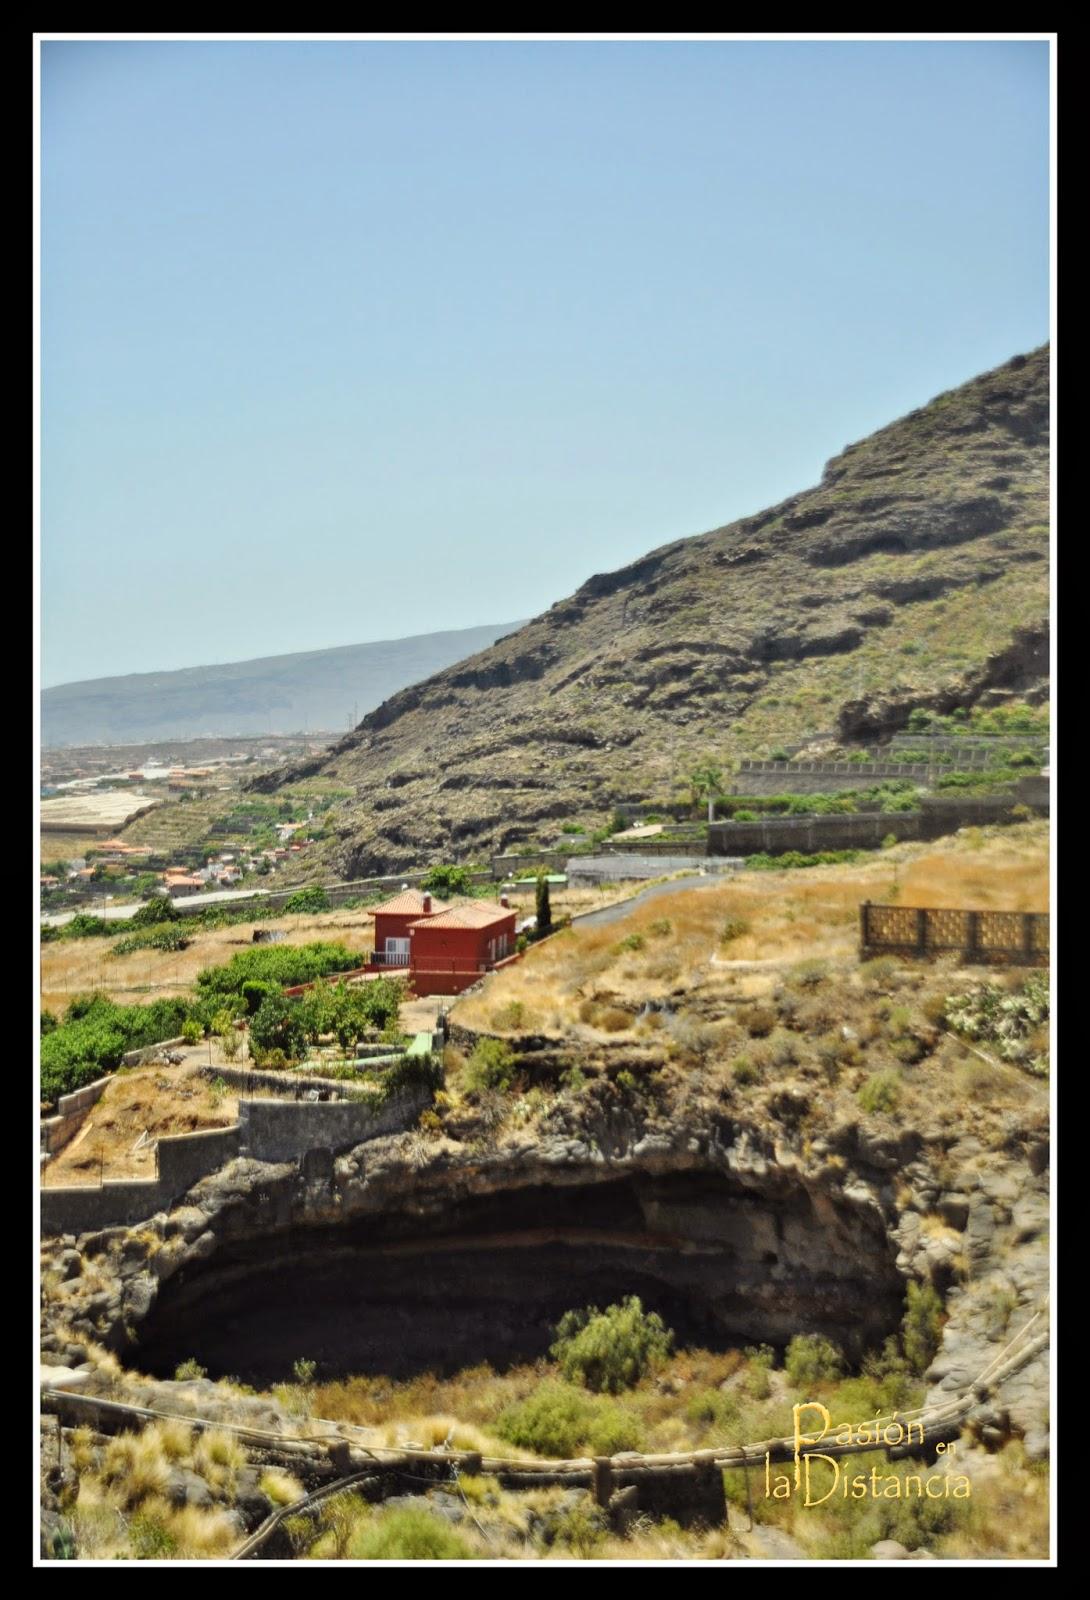 Cueva de Añaco Igueste de Candelaria Guanches